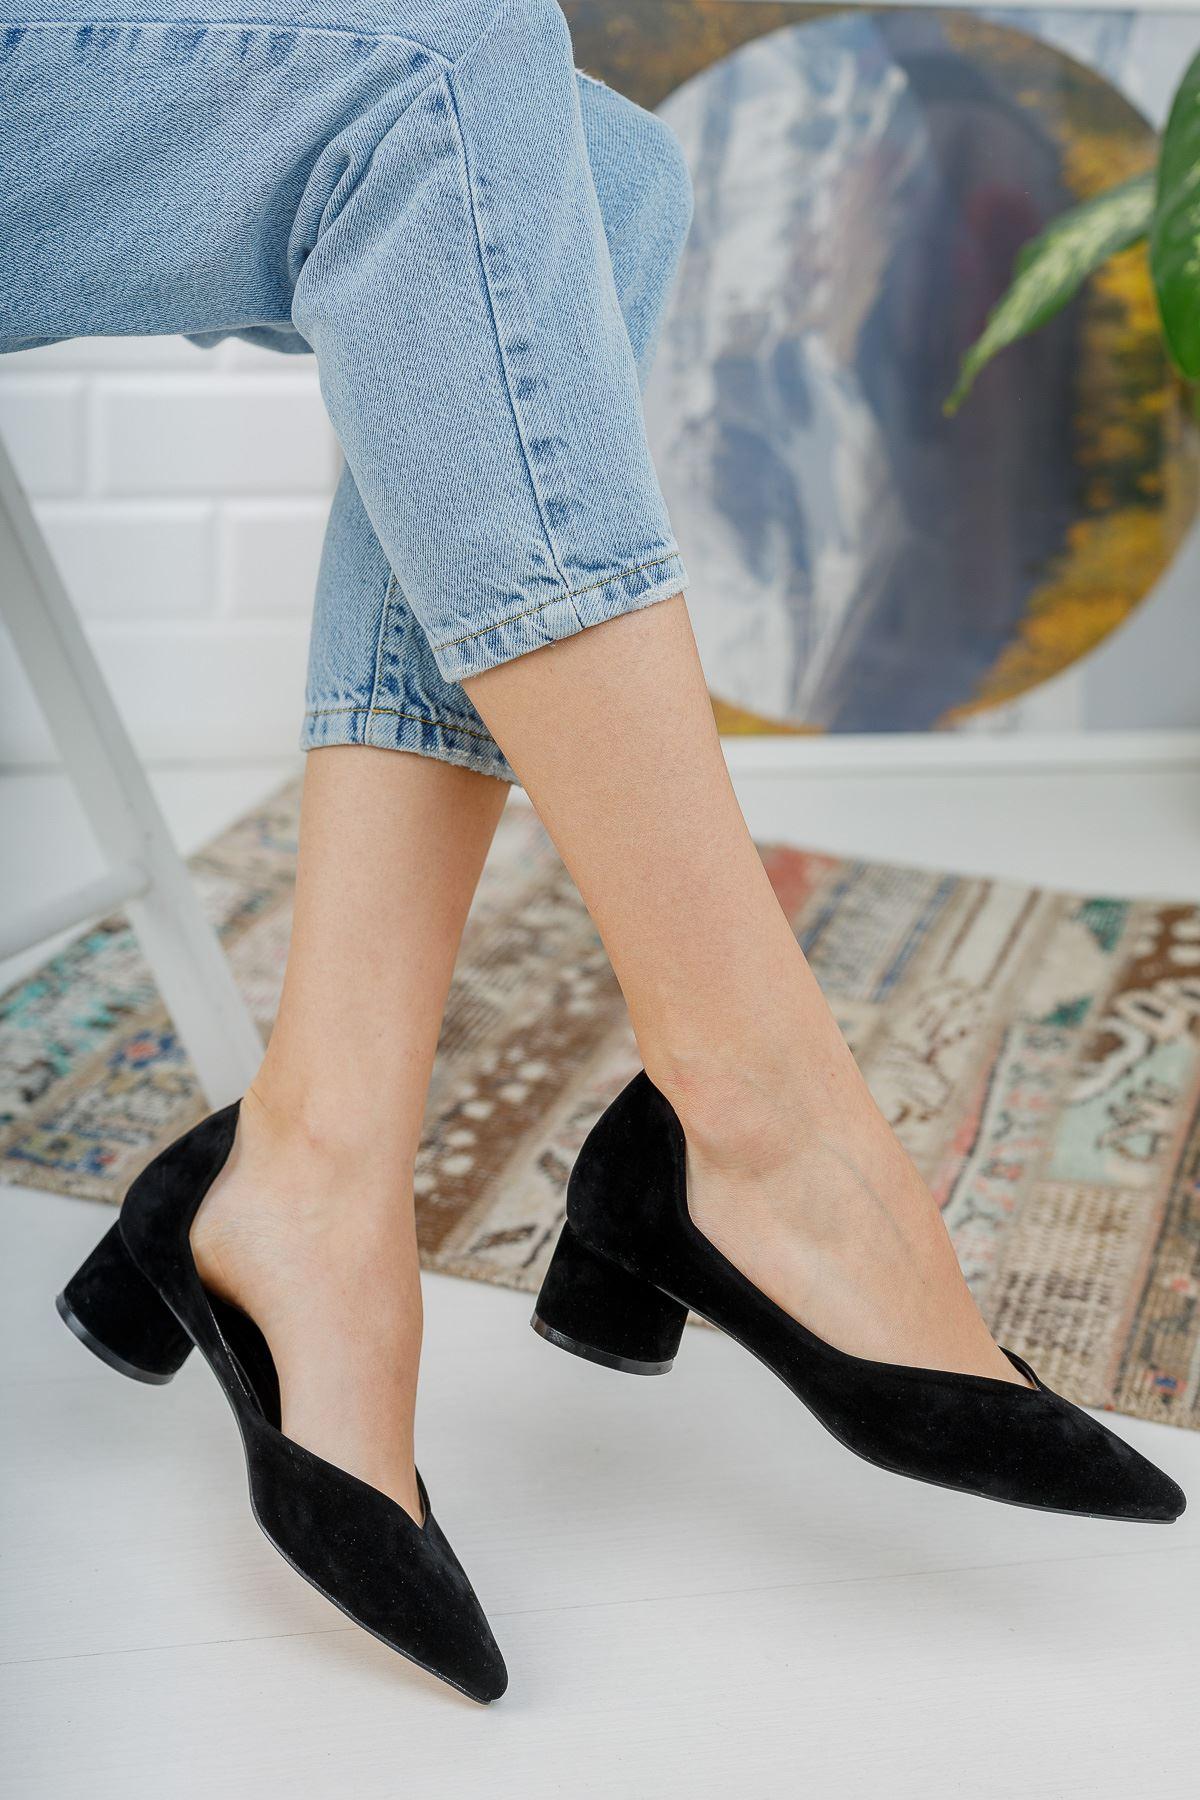 Düz Siyah Süet Köşe Kalıp Klasik Kalın Topuklu Ayakkabı